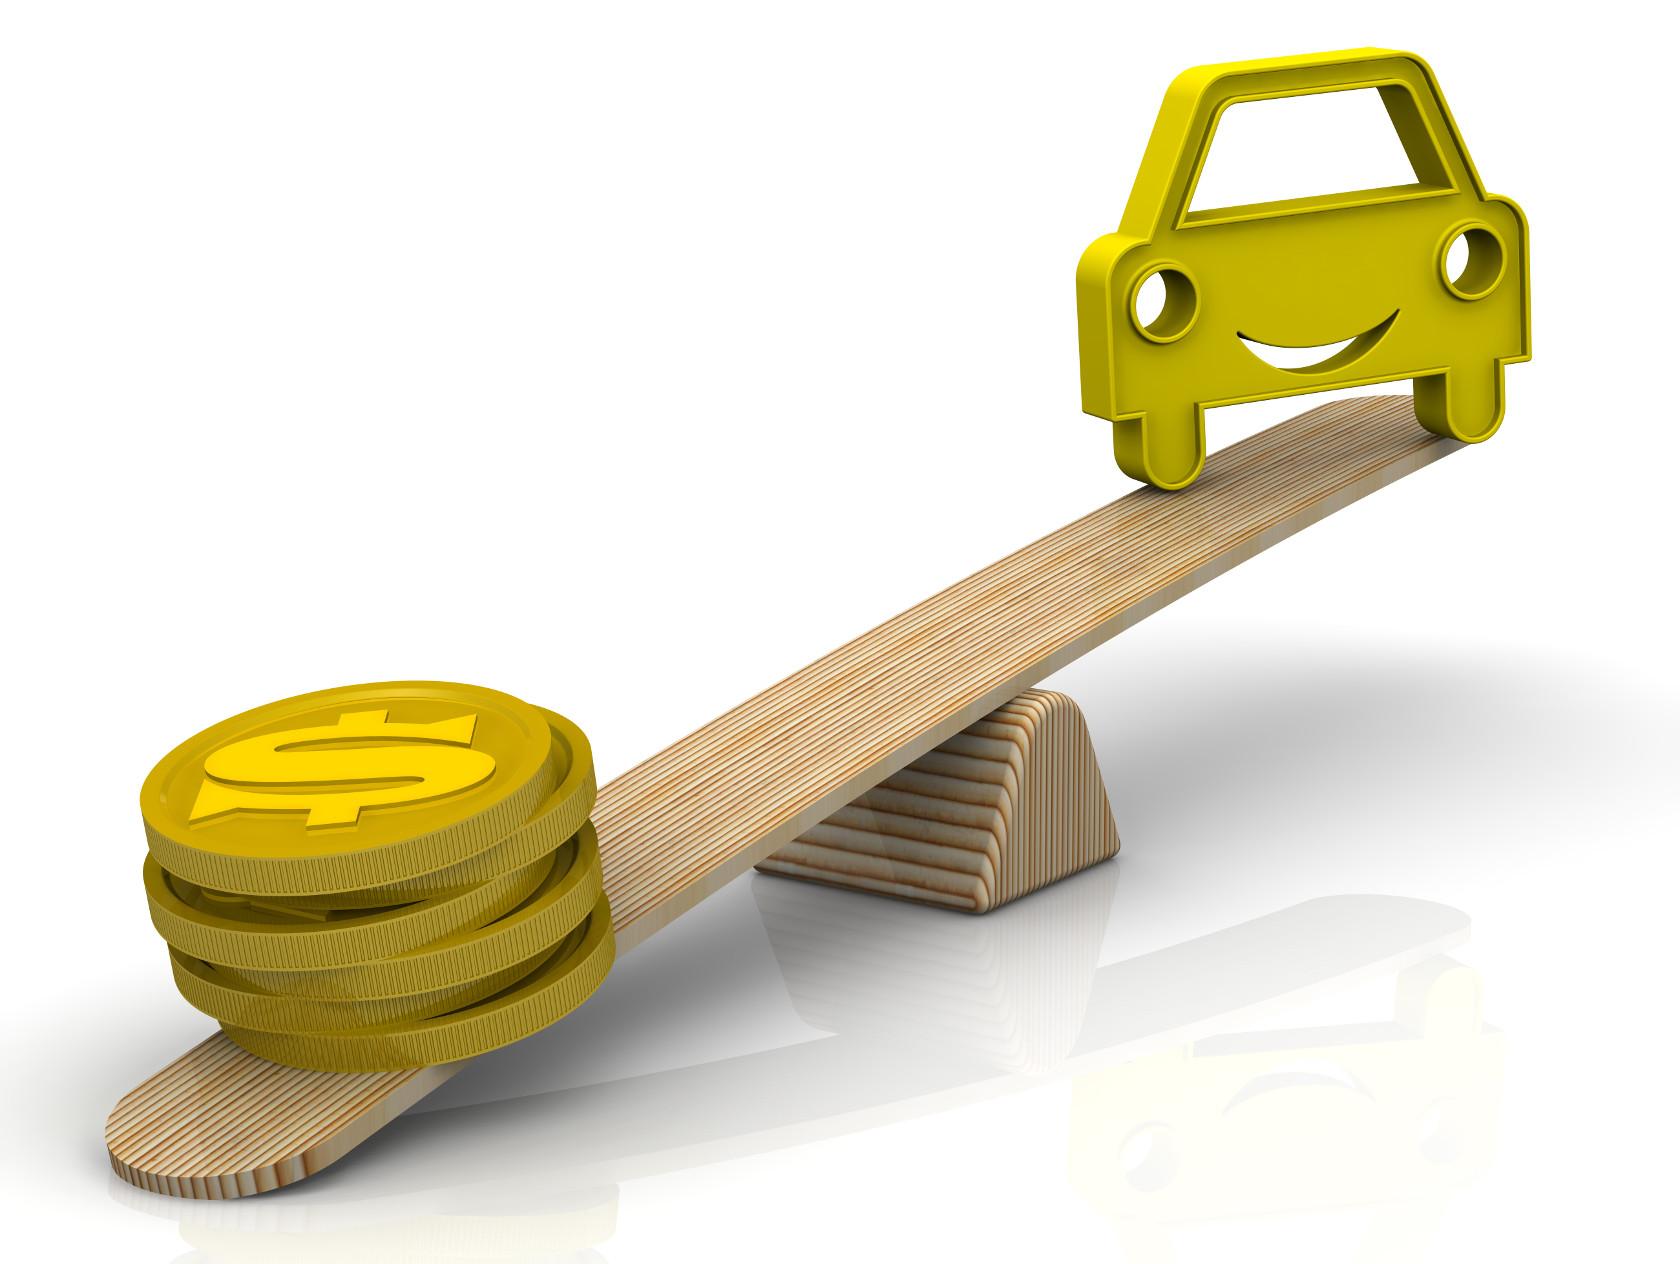 ירידת ערך מכונית או מסחרית